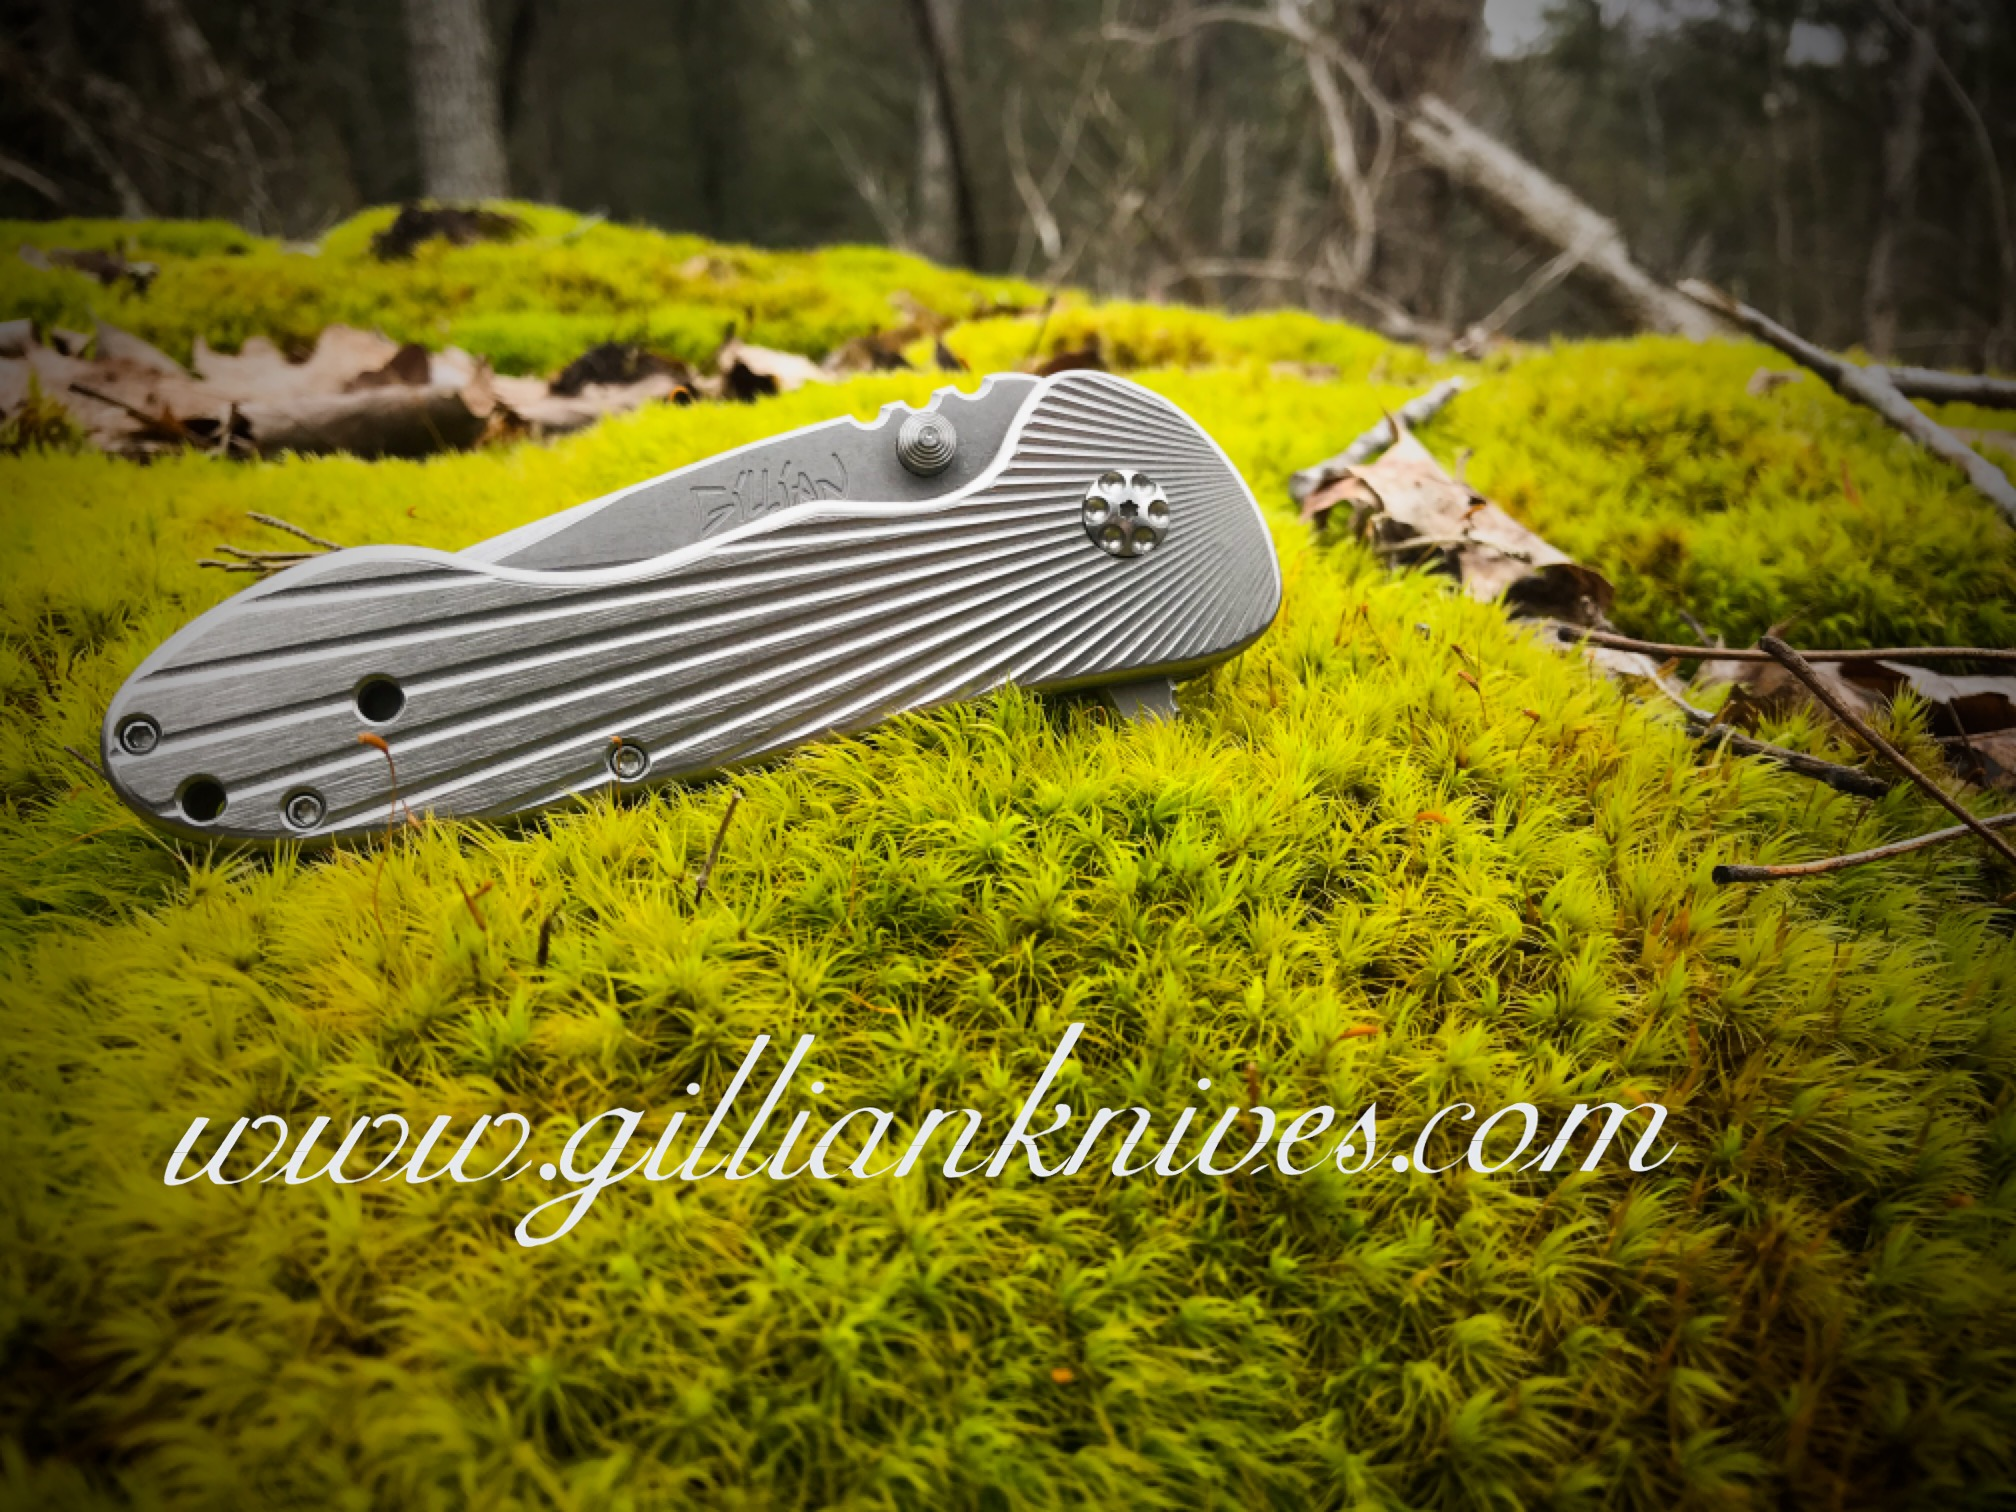 fallenstarknife.jpg Gillianknives.com